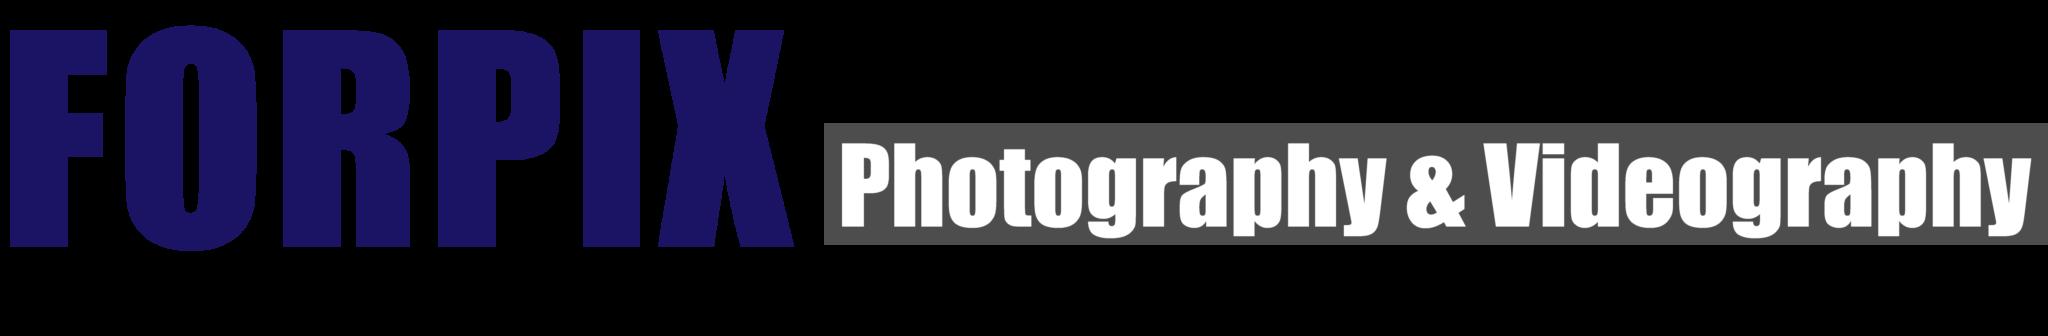 千葉の出張撮影は出張カメラマン派遣のFORPIX